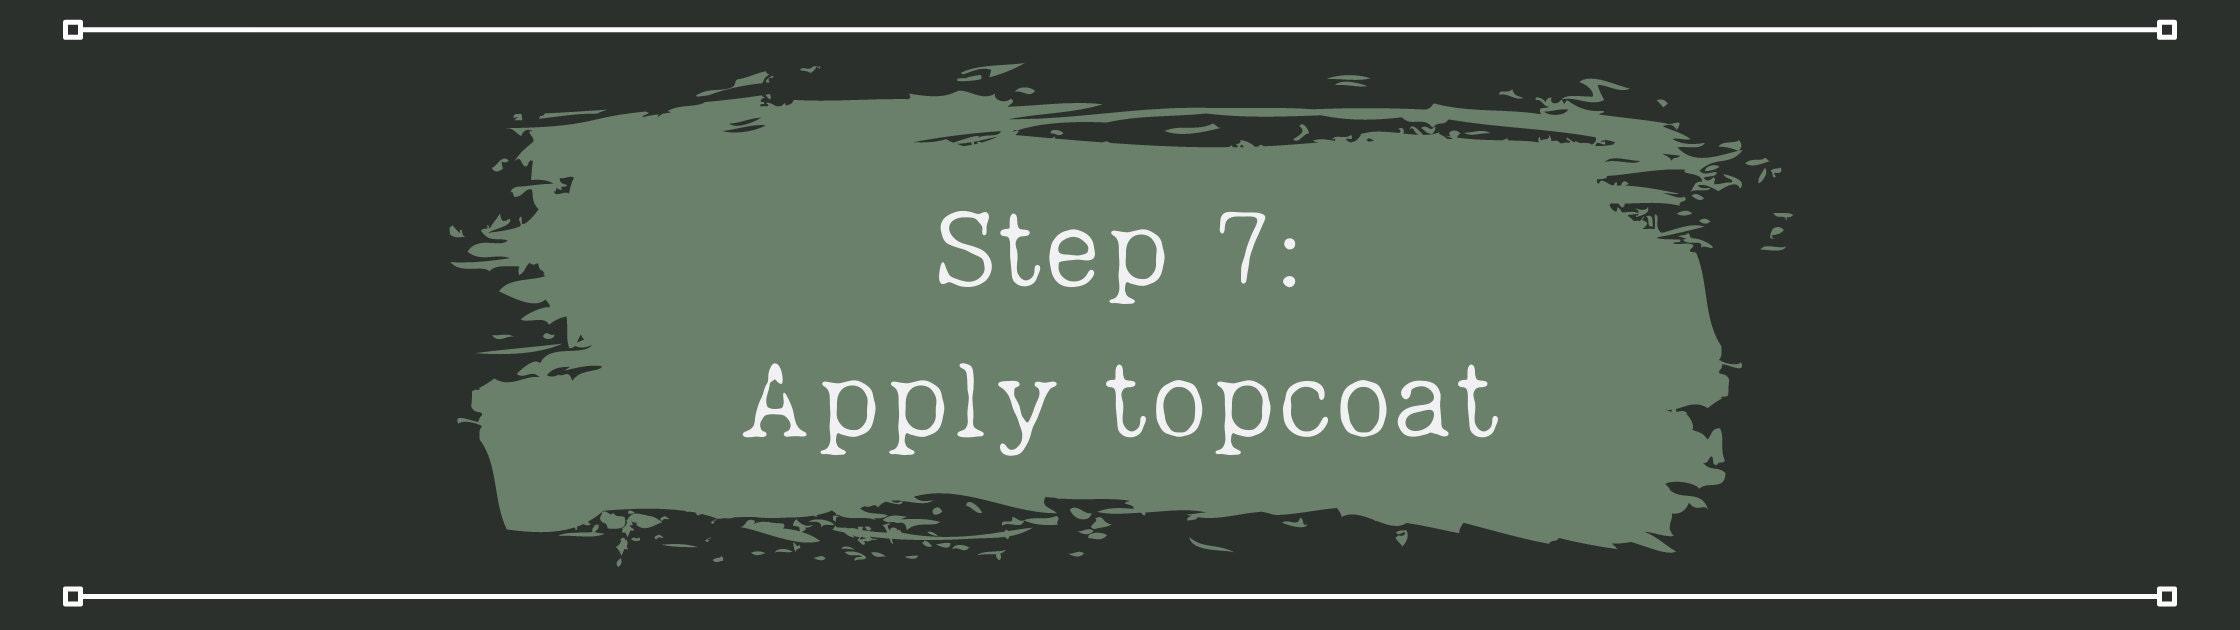 Apply your top coat